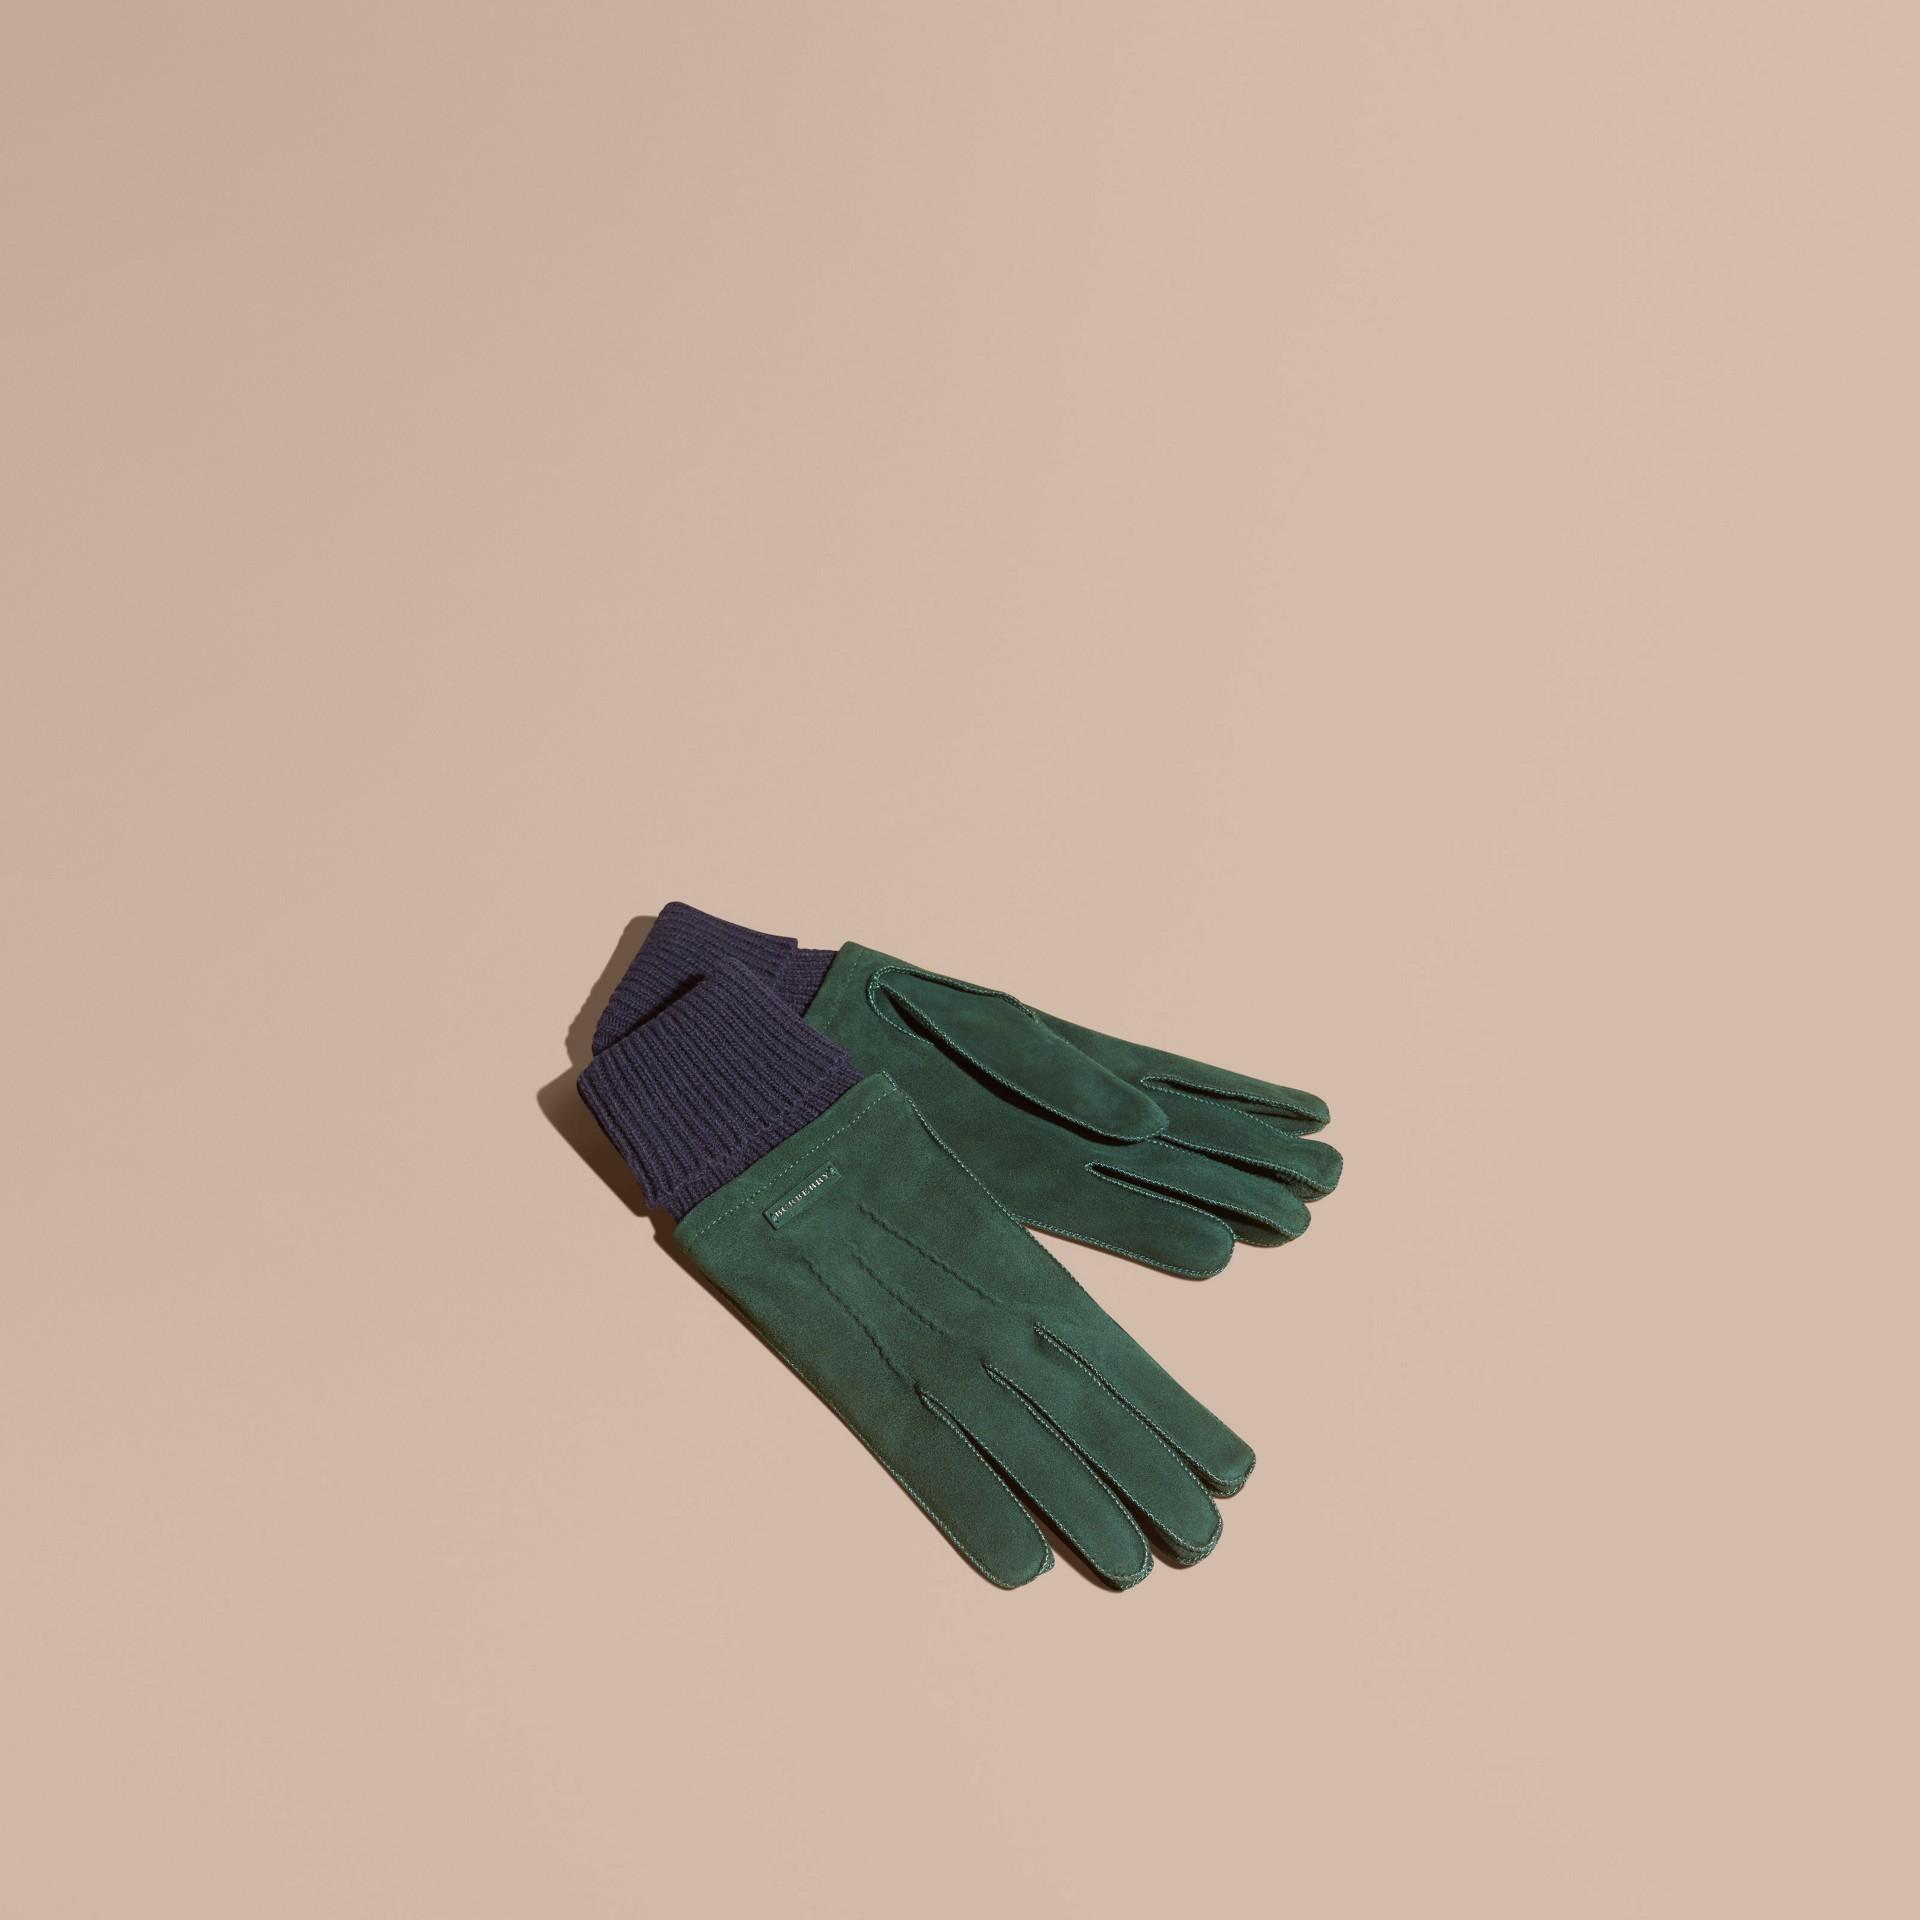 Gants en cuir velours avec bordure côtelée en laine et cachemire (Vert Cèdre Sombre) - Homme | Burberry - photo de la galerie 1